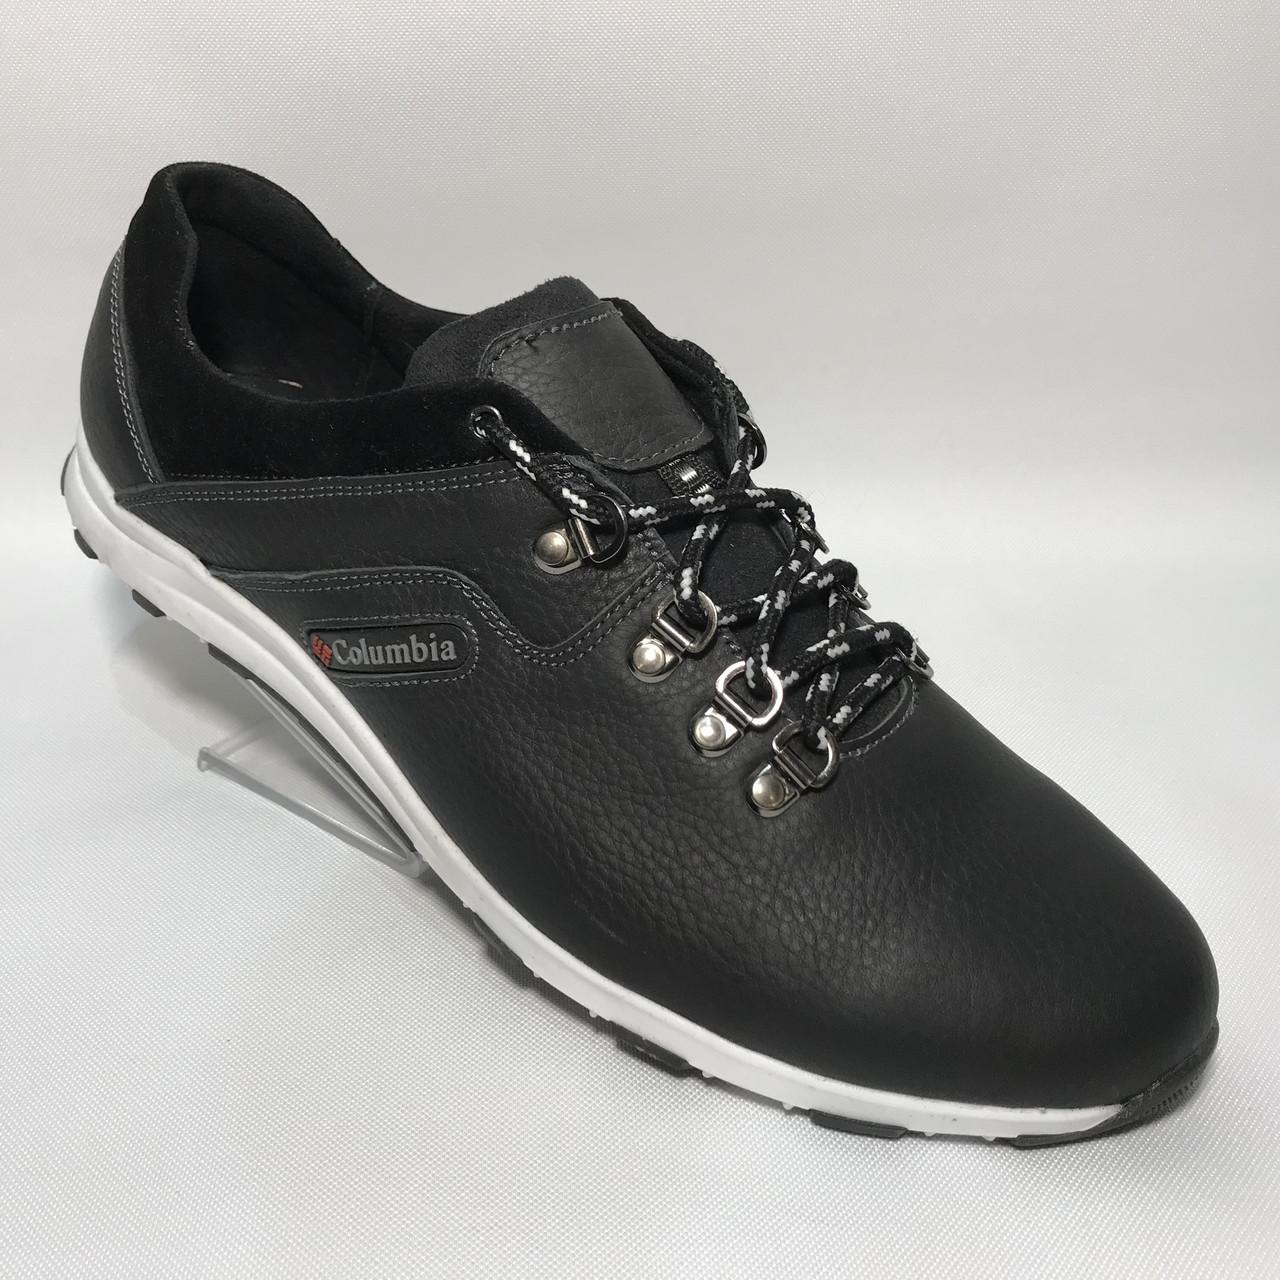 Мужские кожаные кроссовки Colombia / черные / р.46-50 большого размера